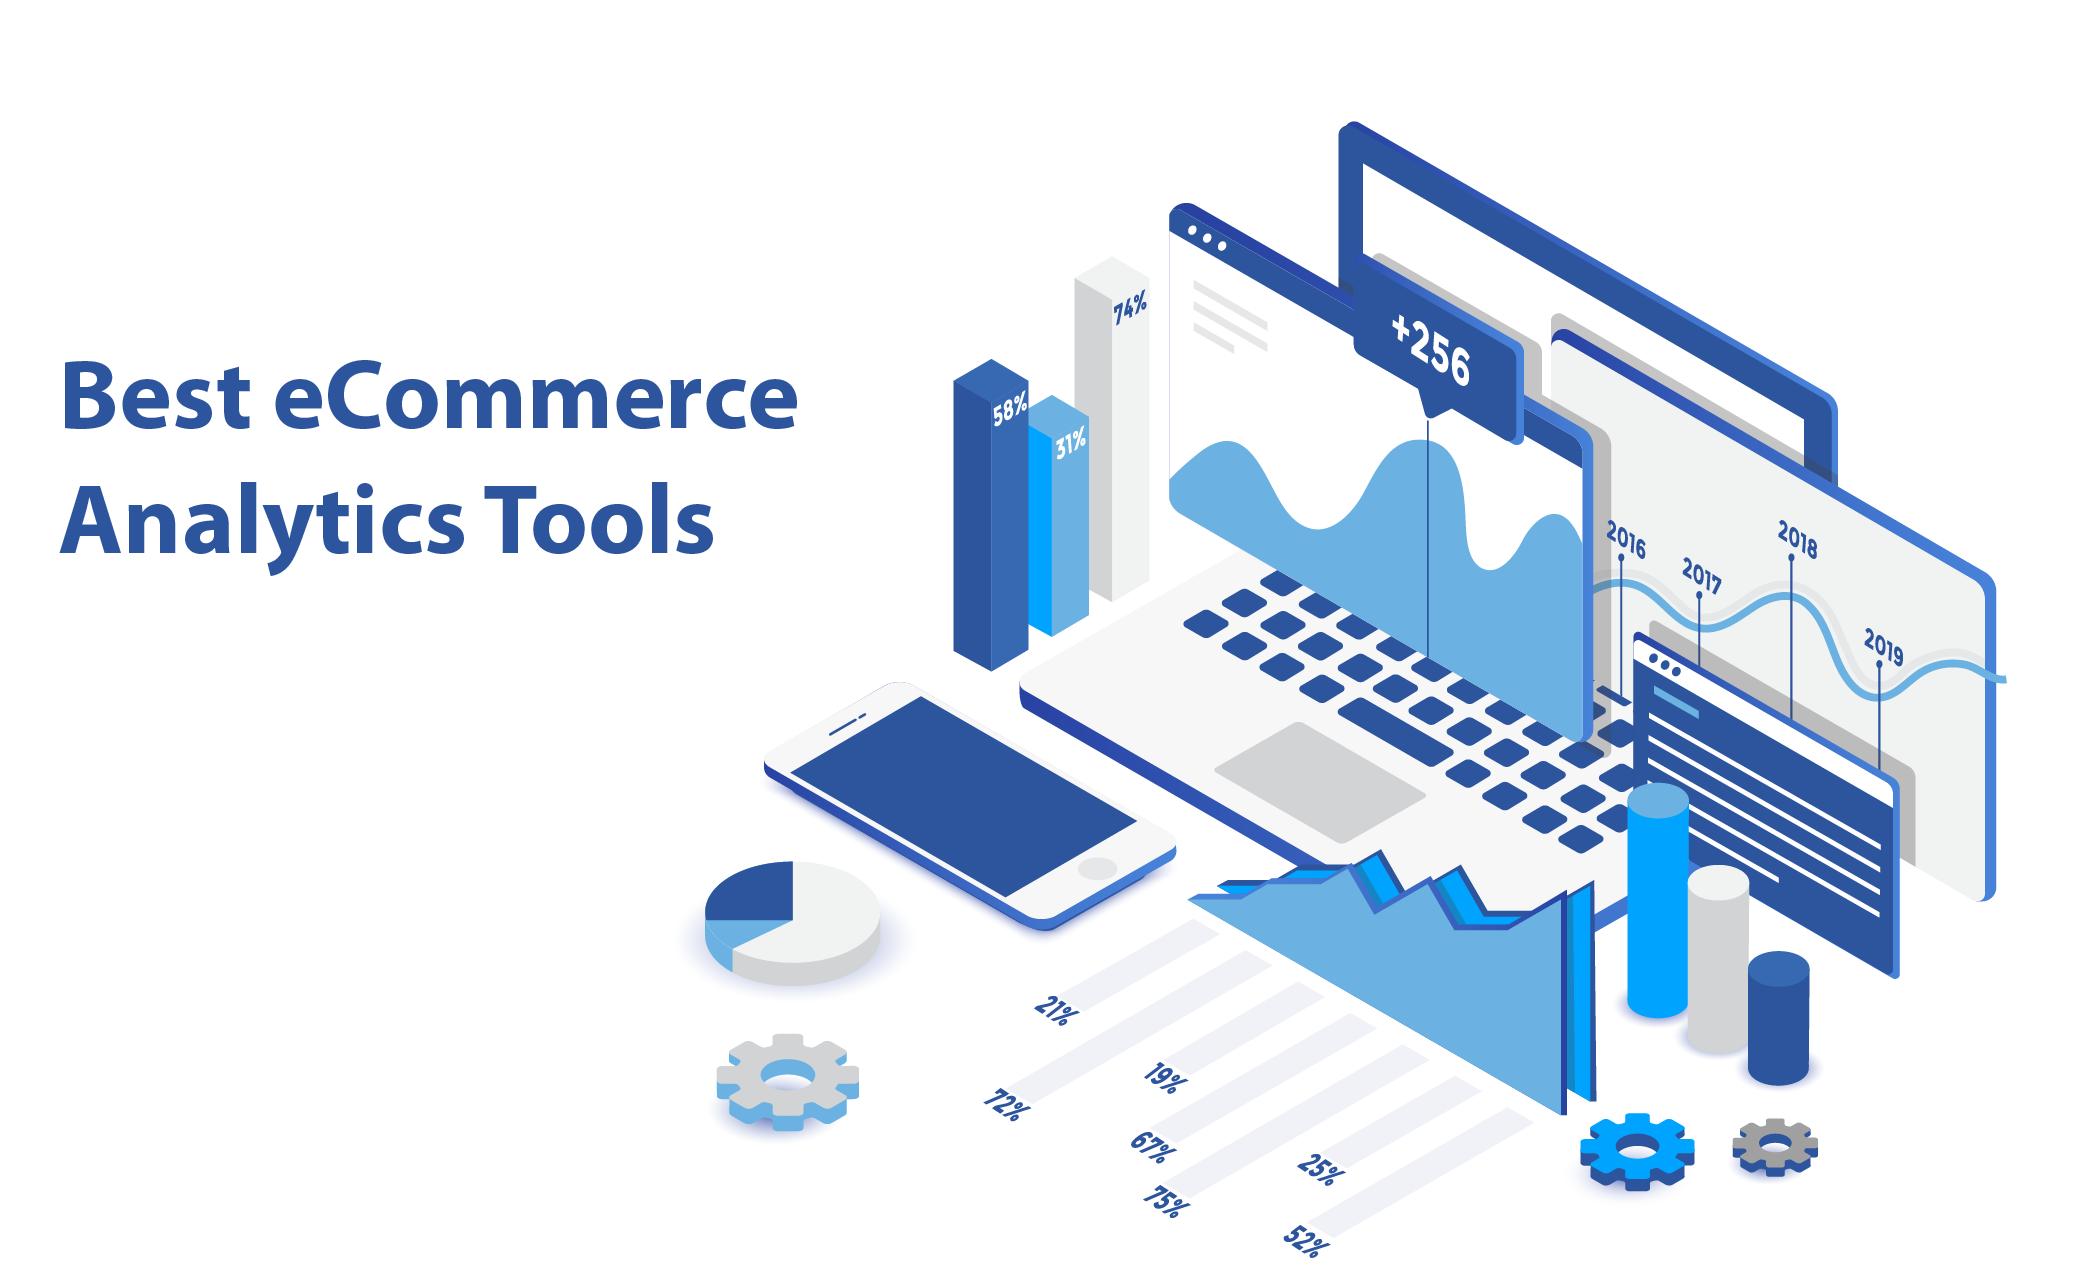 Best eCommerce Analytics Tools